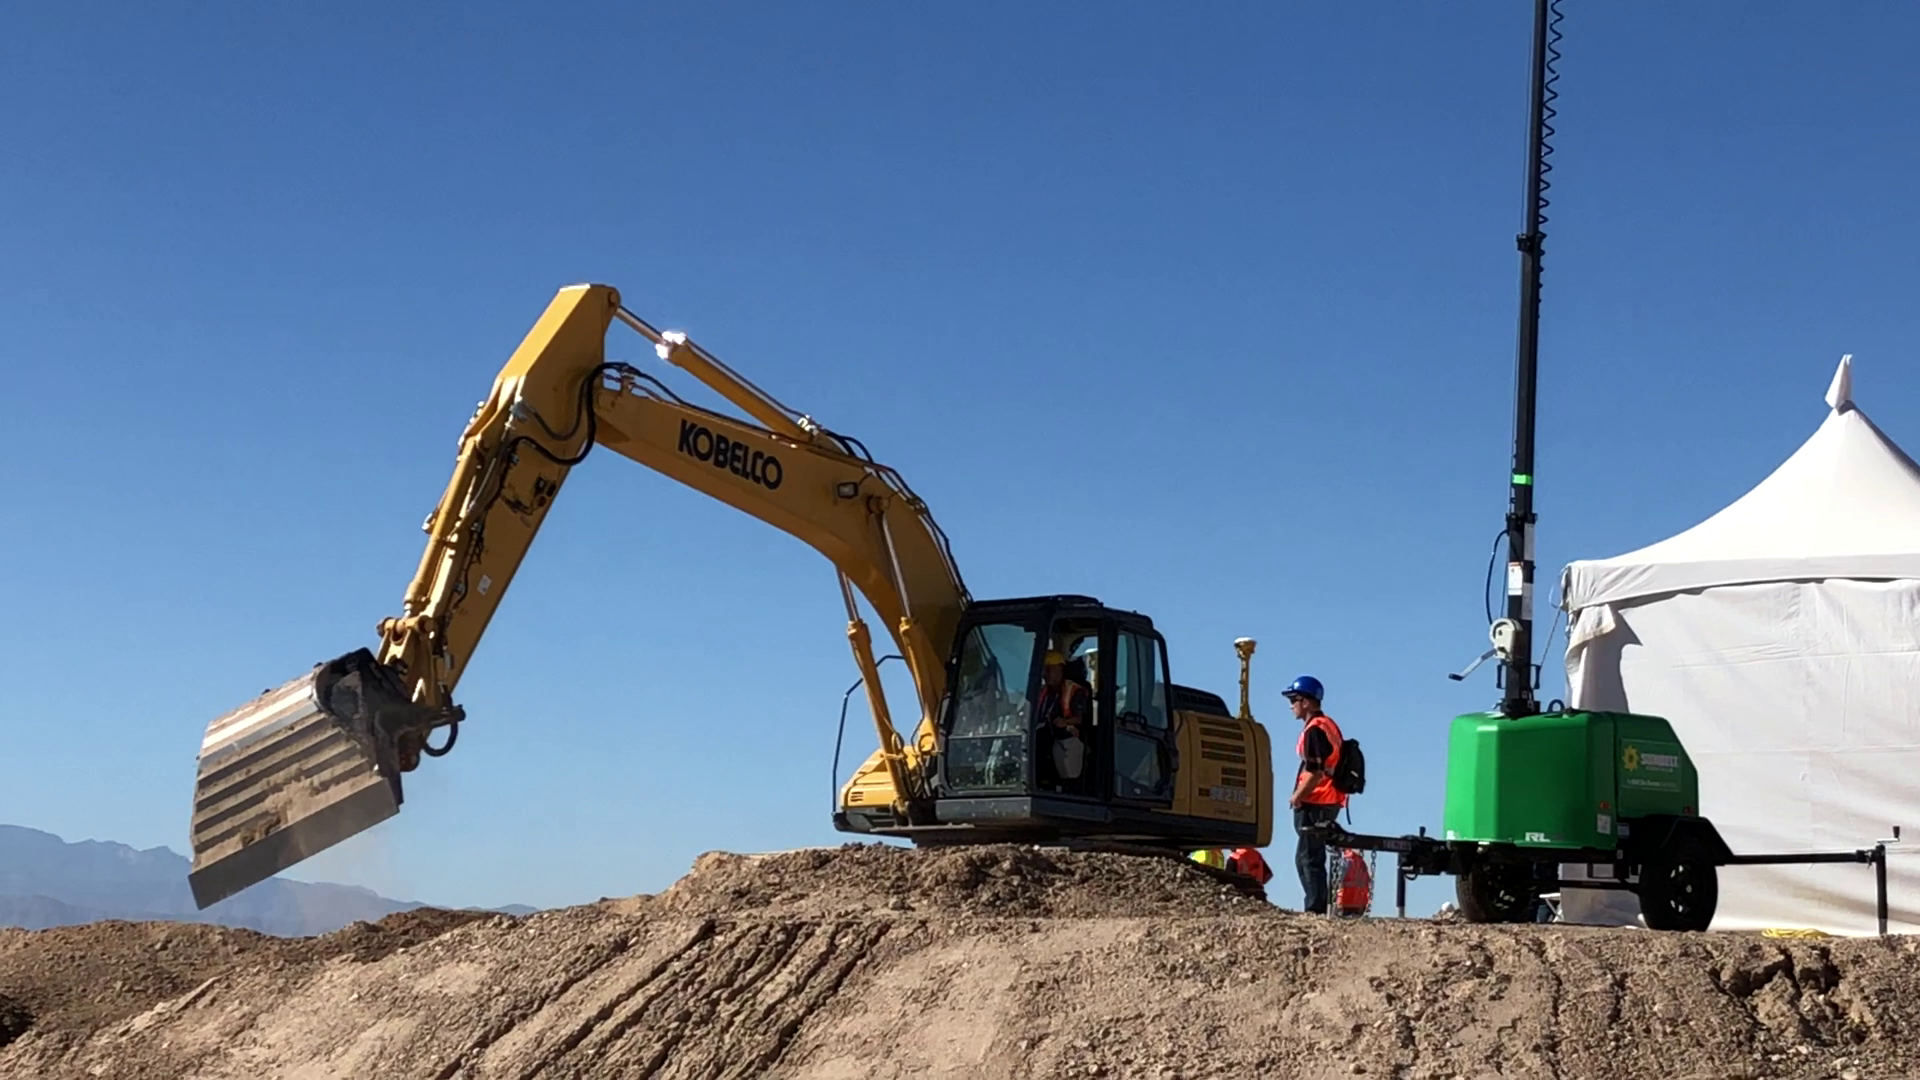 Kobelco SK210 excavator